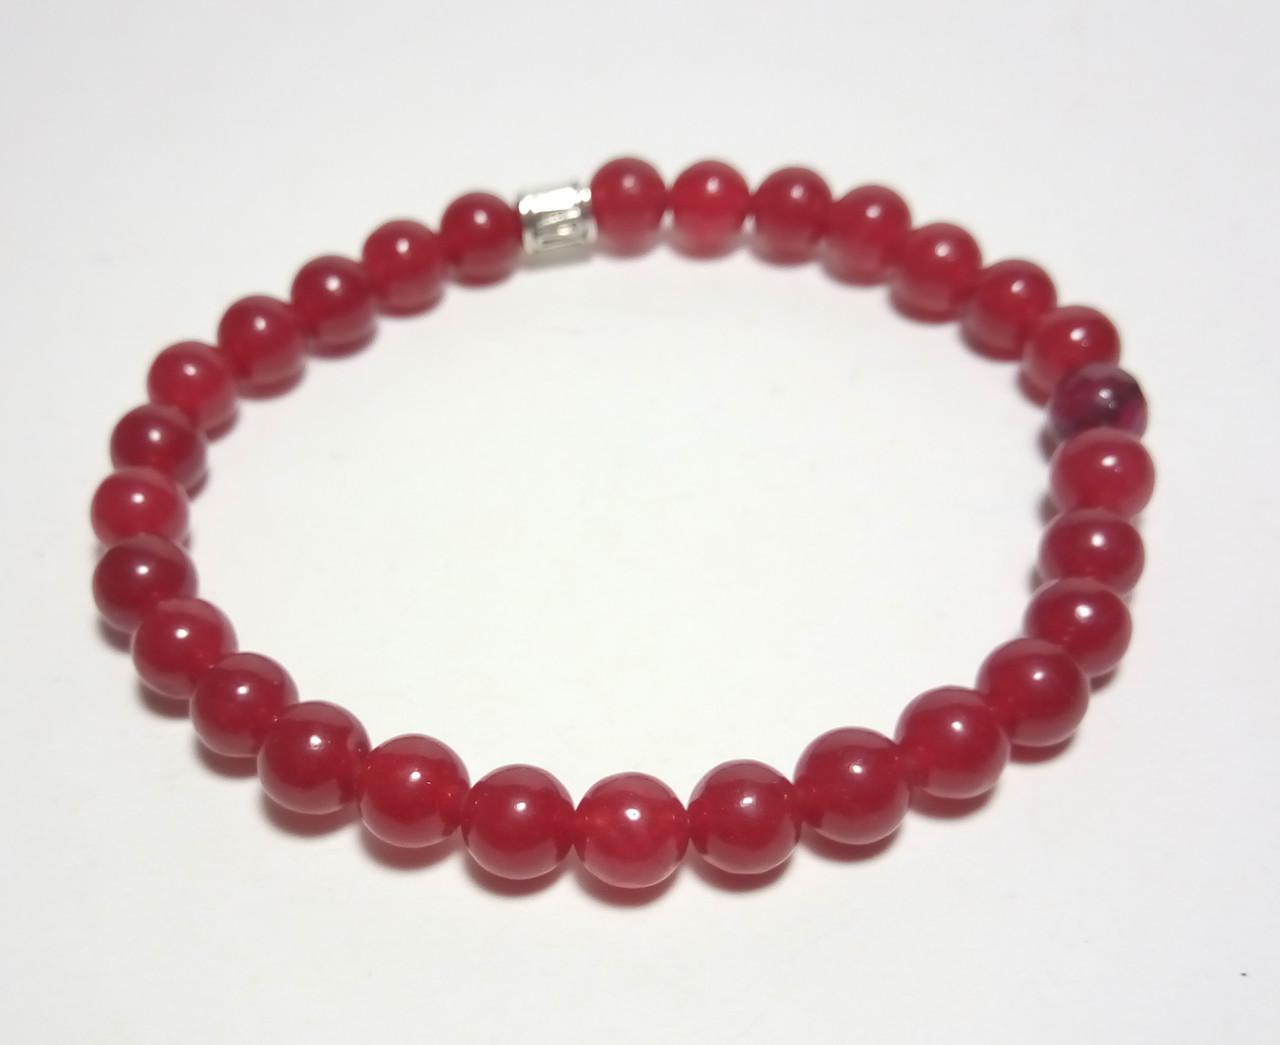 Браслет Сердолик, натуральный камень, цвет бордо и его оттенки, тм Satori \ Sb - 0094